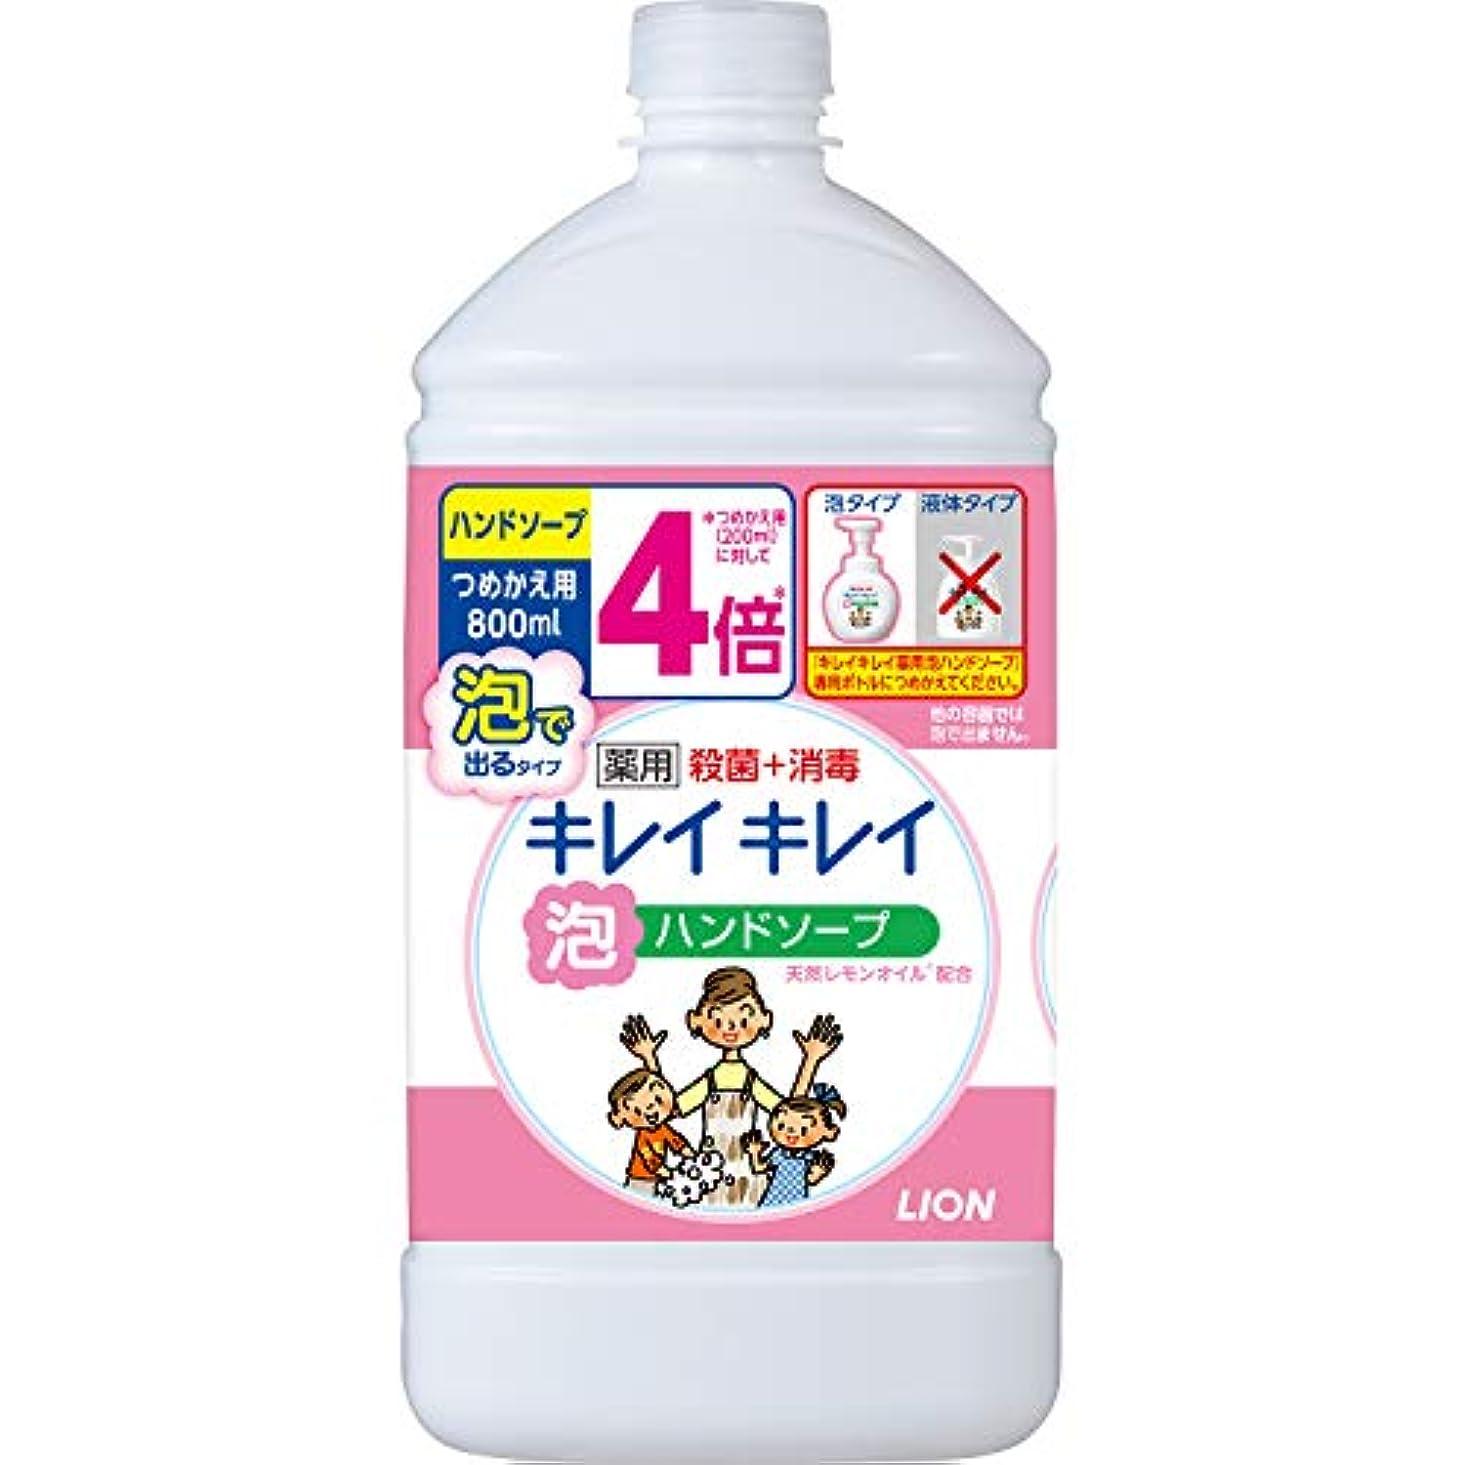 やがて狭い靄(医薬部外品)【大容量】キレイキレイ 薬用 泡ハンドソープ シトラスフルーティの香り 詰替特大 800ml